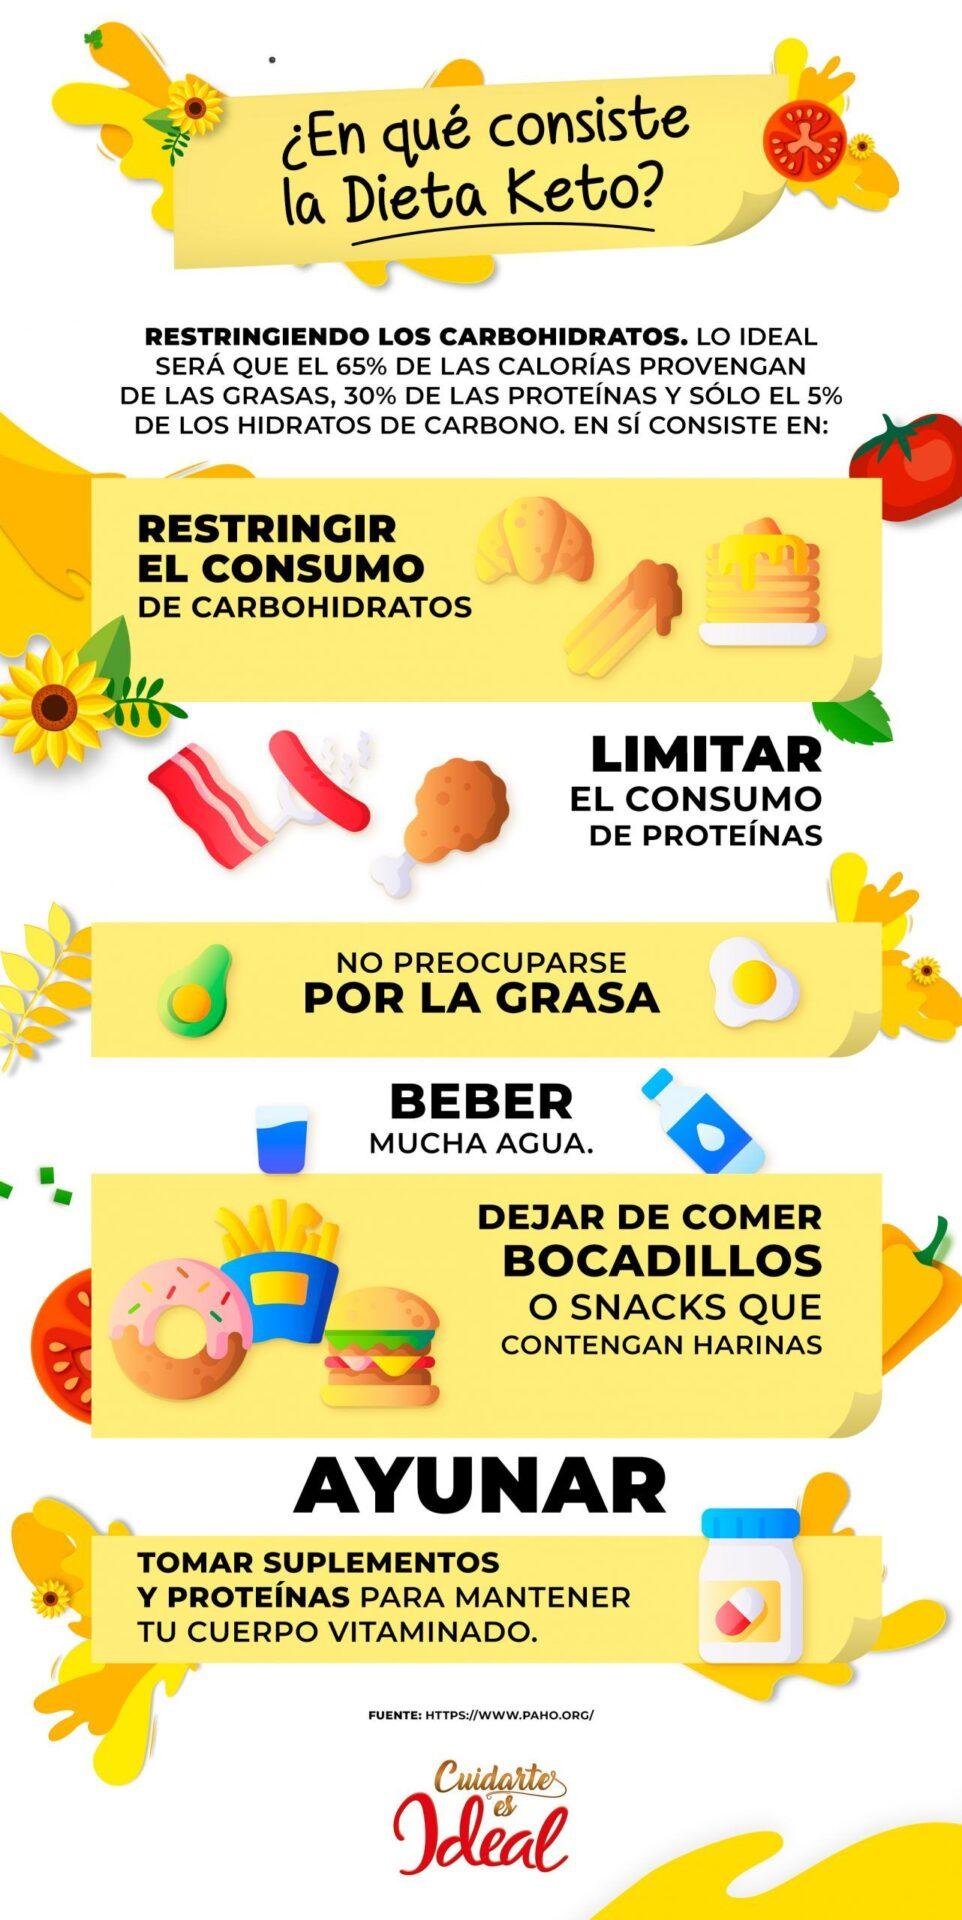 Descoperă videoclipurile populare ale lui keto nutrición   TikTok